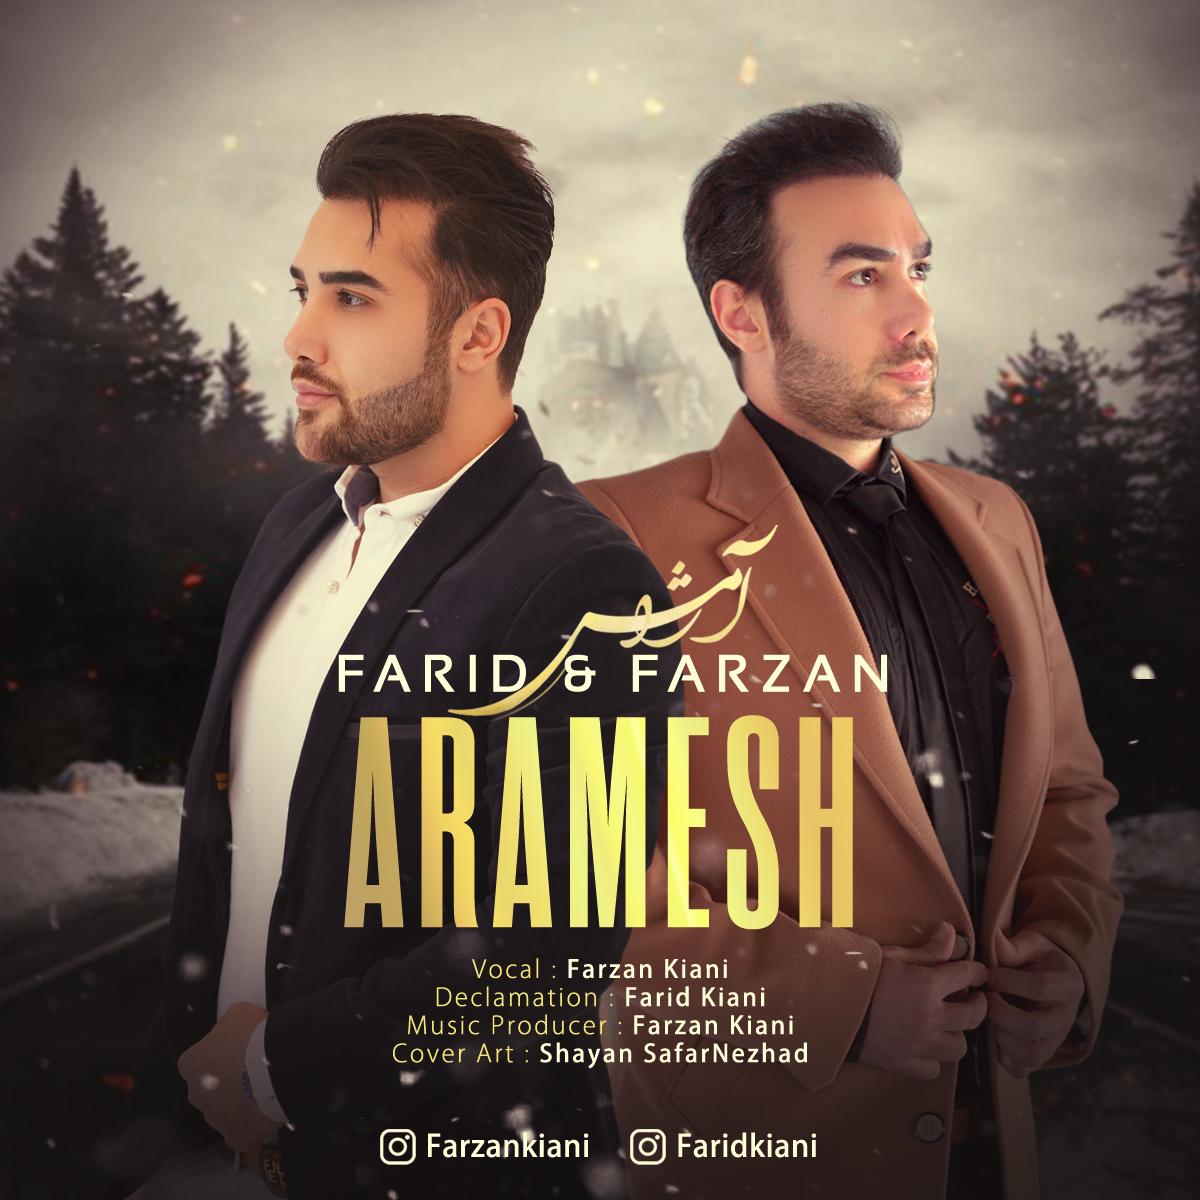 Farid And Farzan – Aramesh